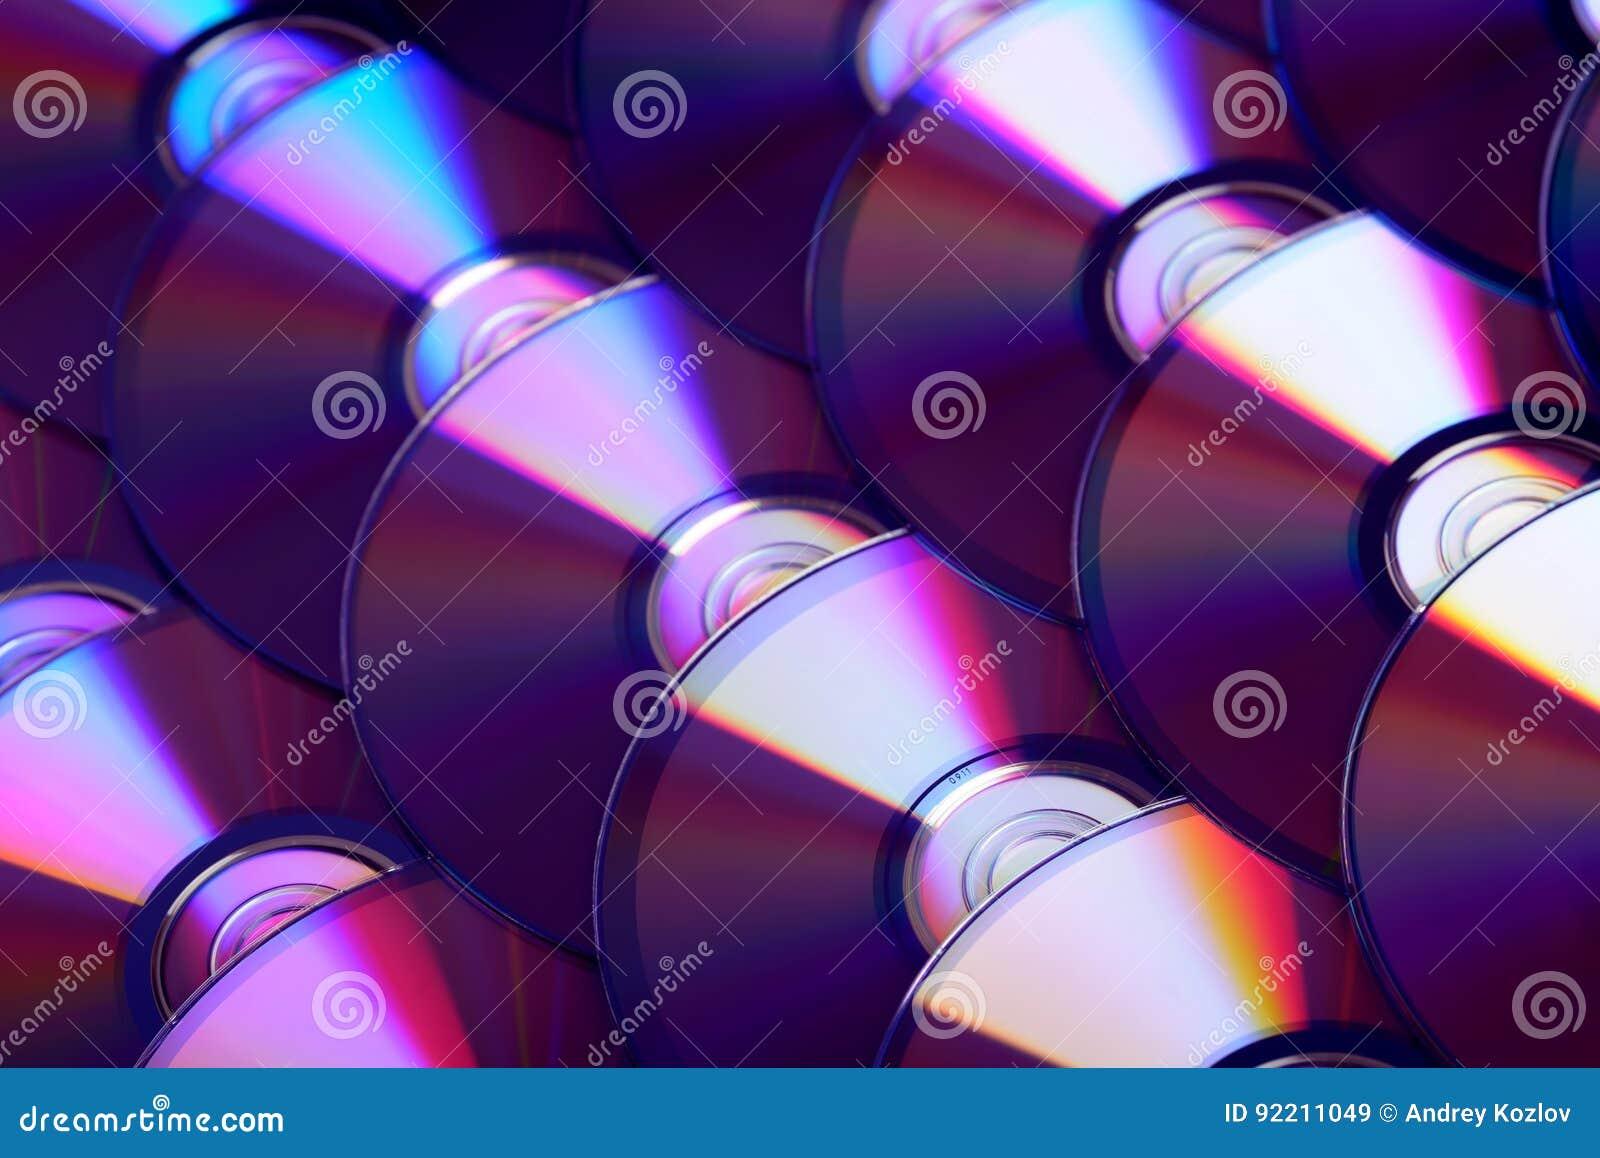 雷射唱片背景 几个CD的dvd Blu-ray圆盘 光学可录或可再写的数字资料存贮